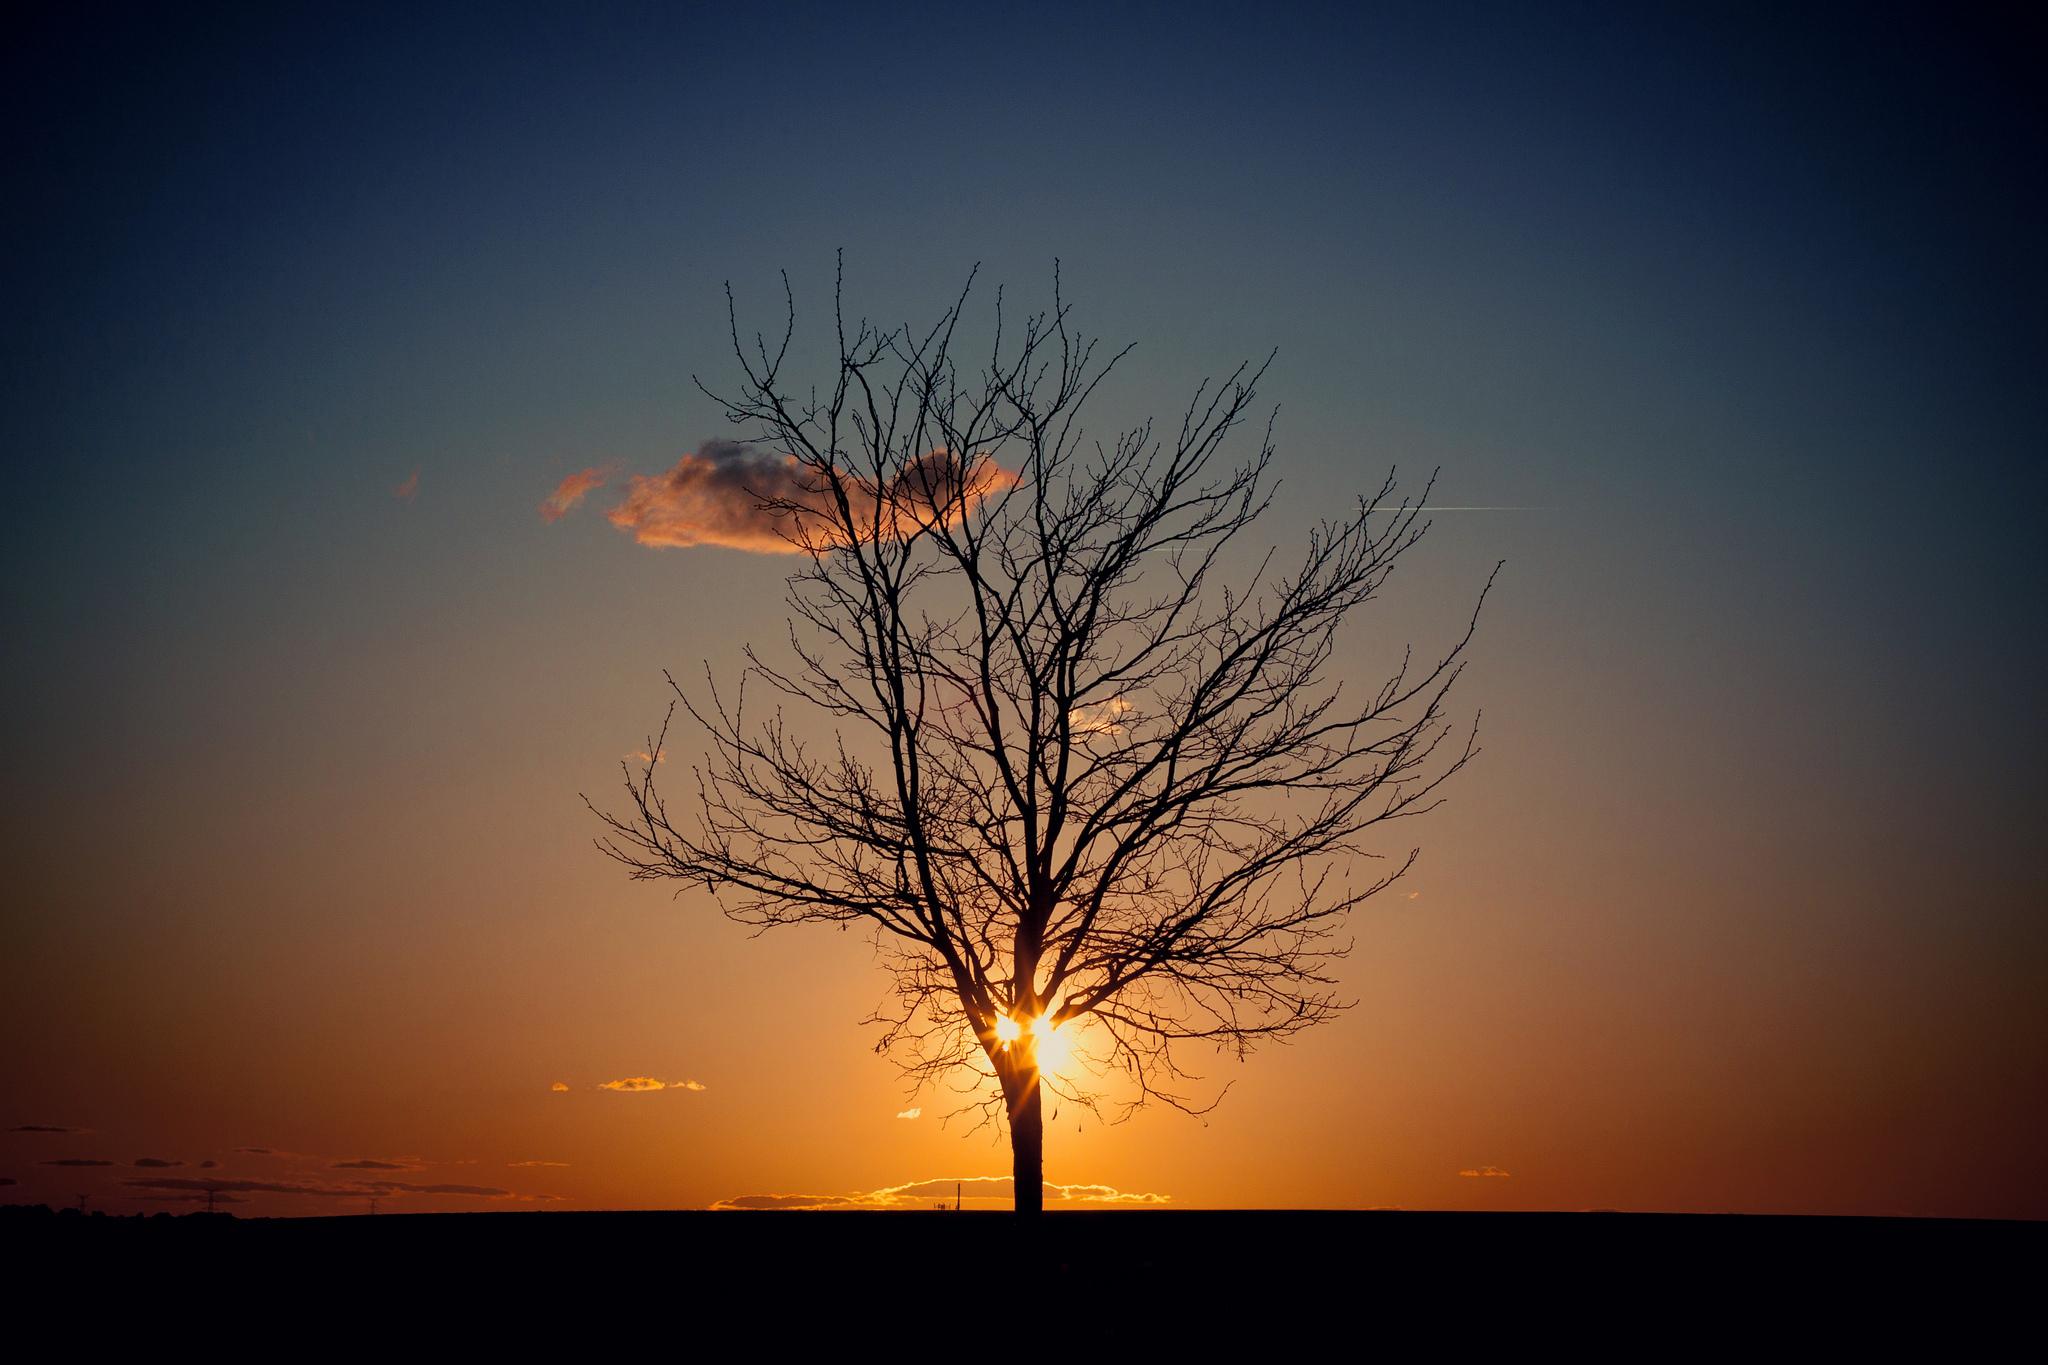 природа горизонт деревья вечер загрузить